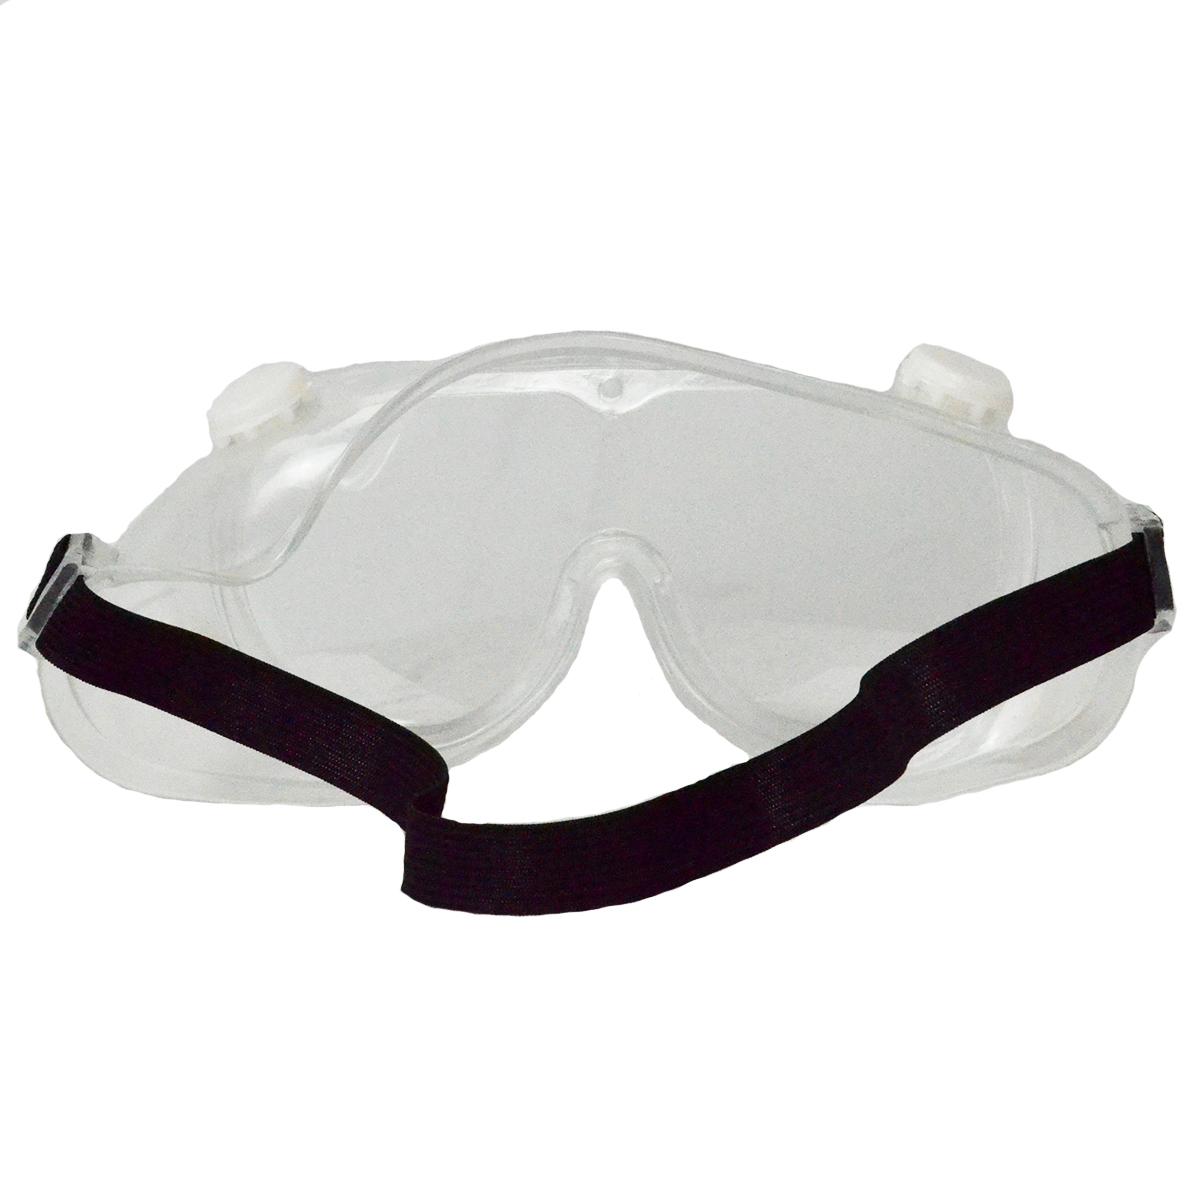 Goggles-4